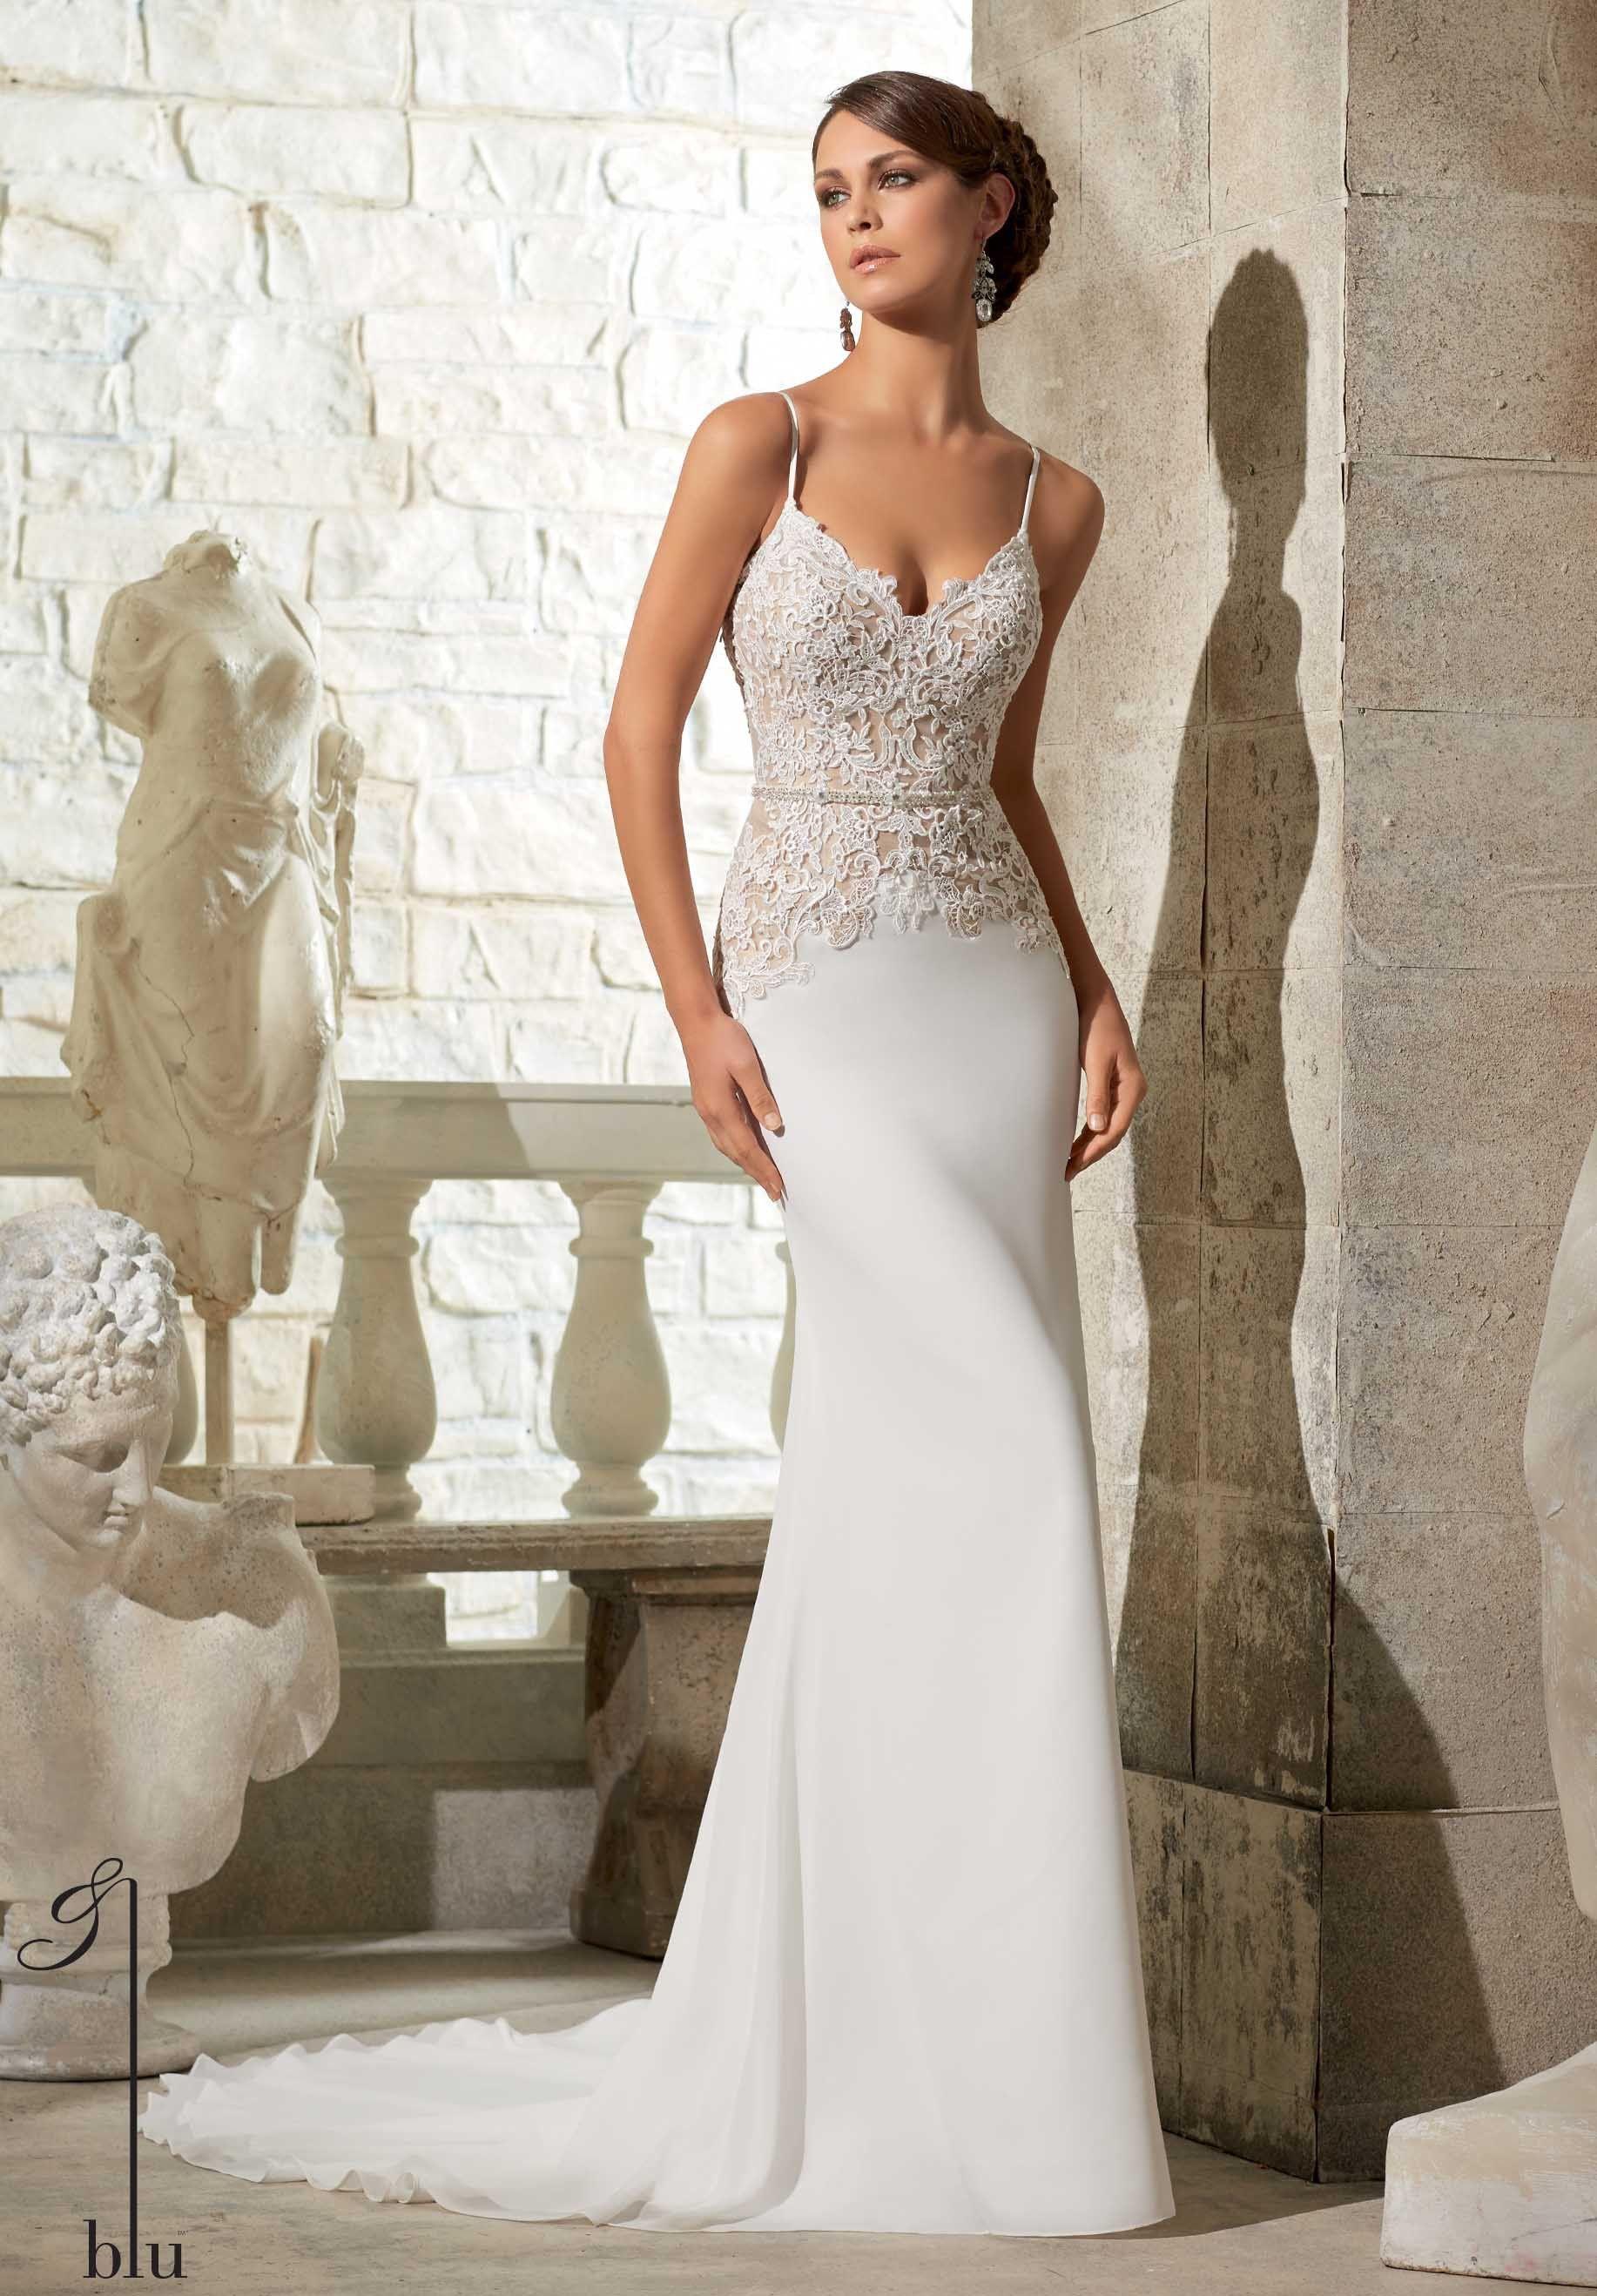 Imagenes de vestidos de novia pegados al cuerpo